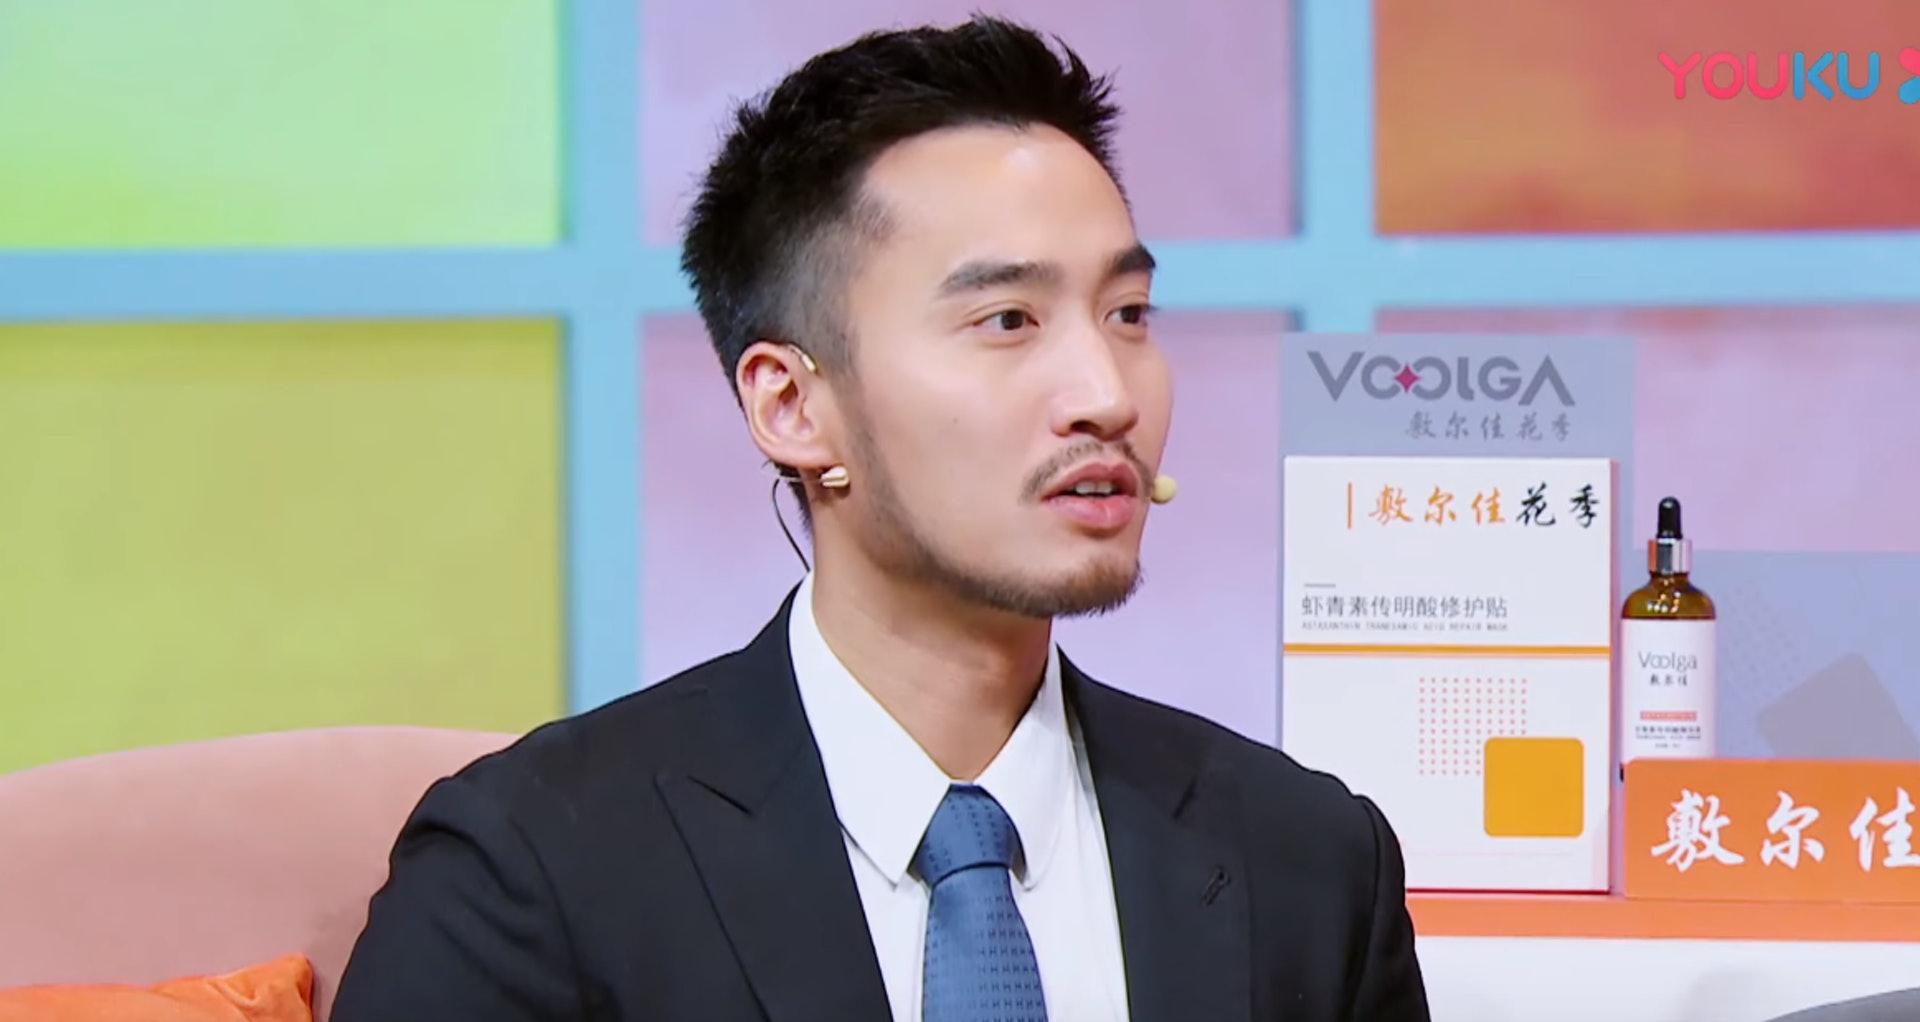 賴弘國的父母示原來曾阻止他娶明星。(電視截圖)